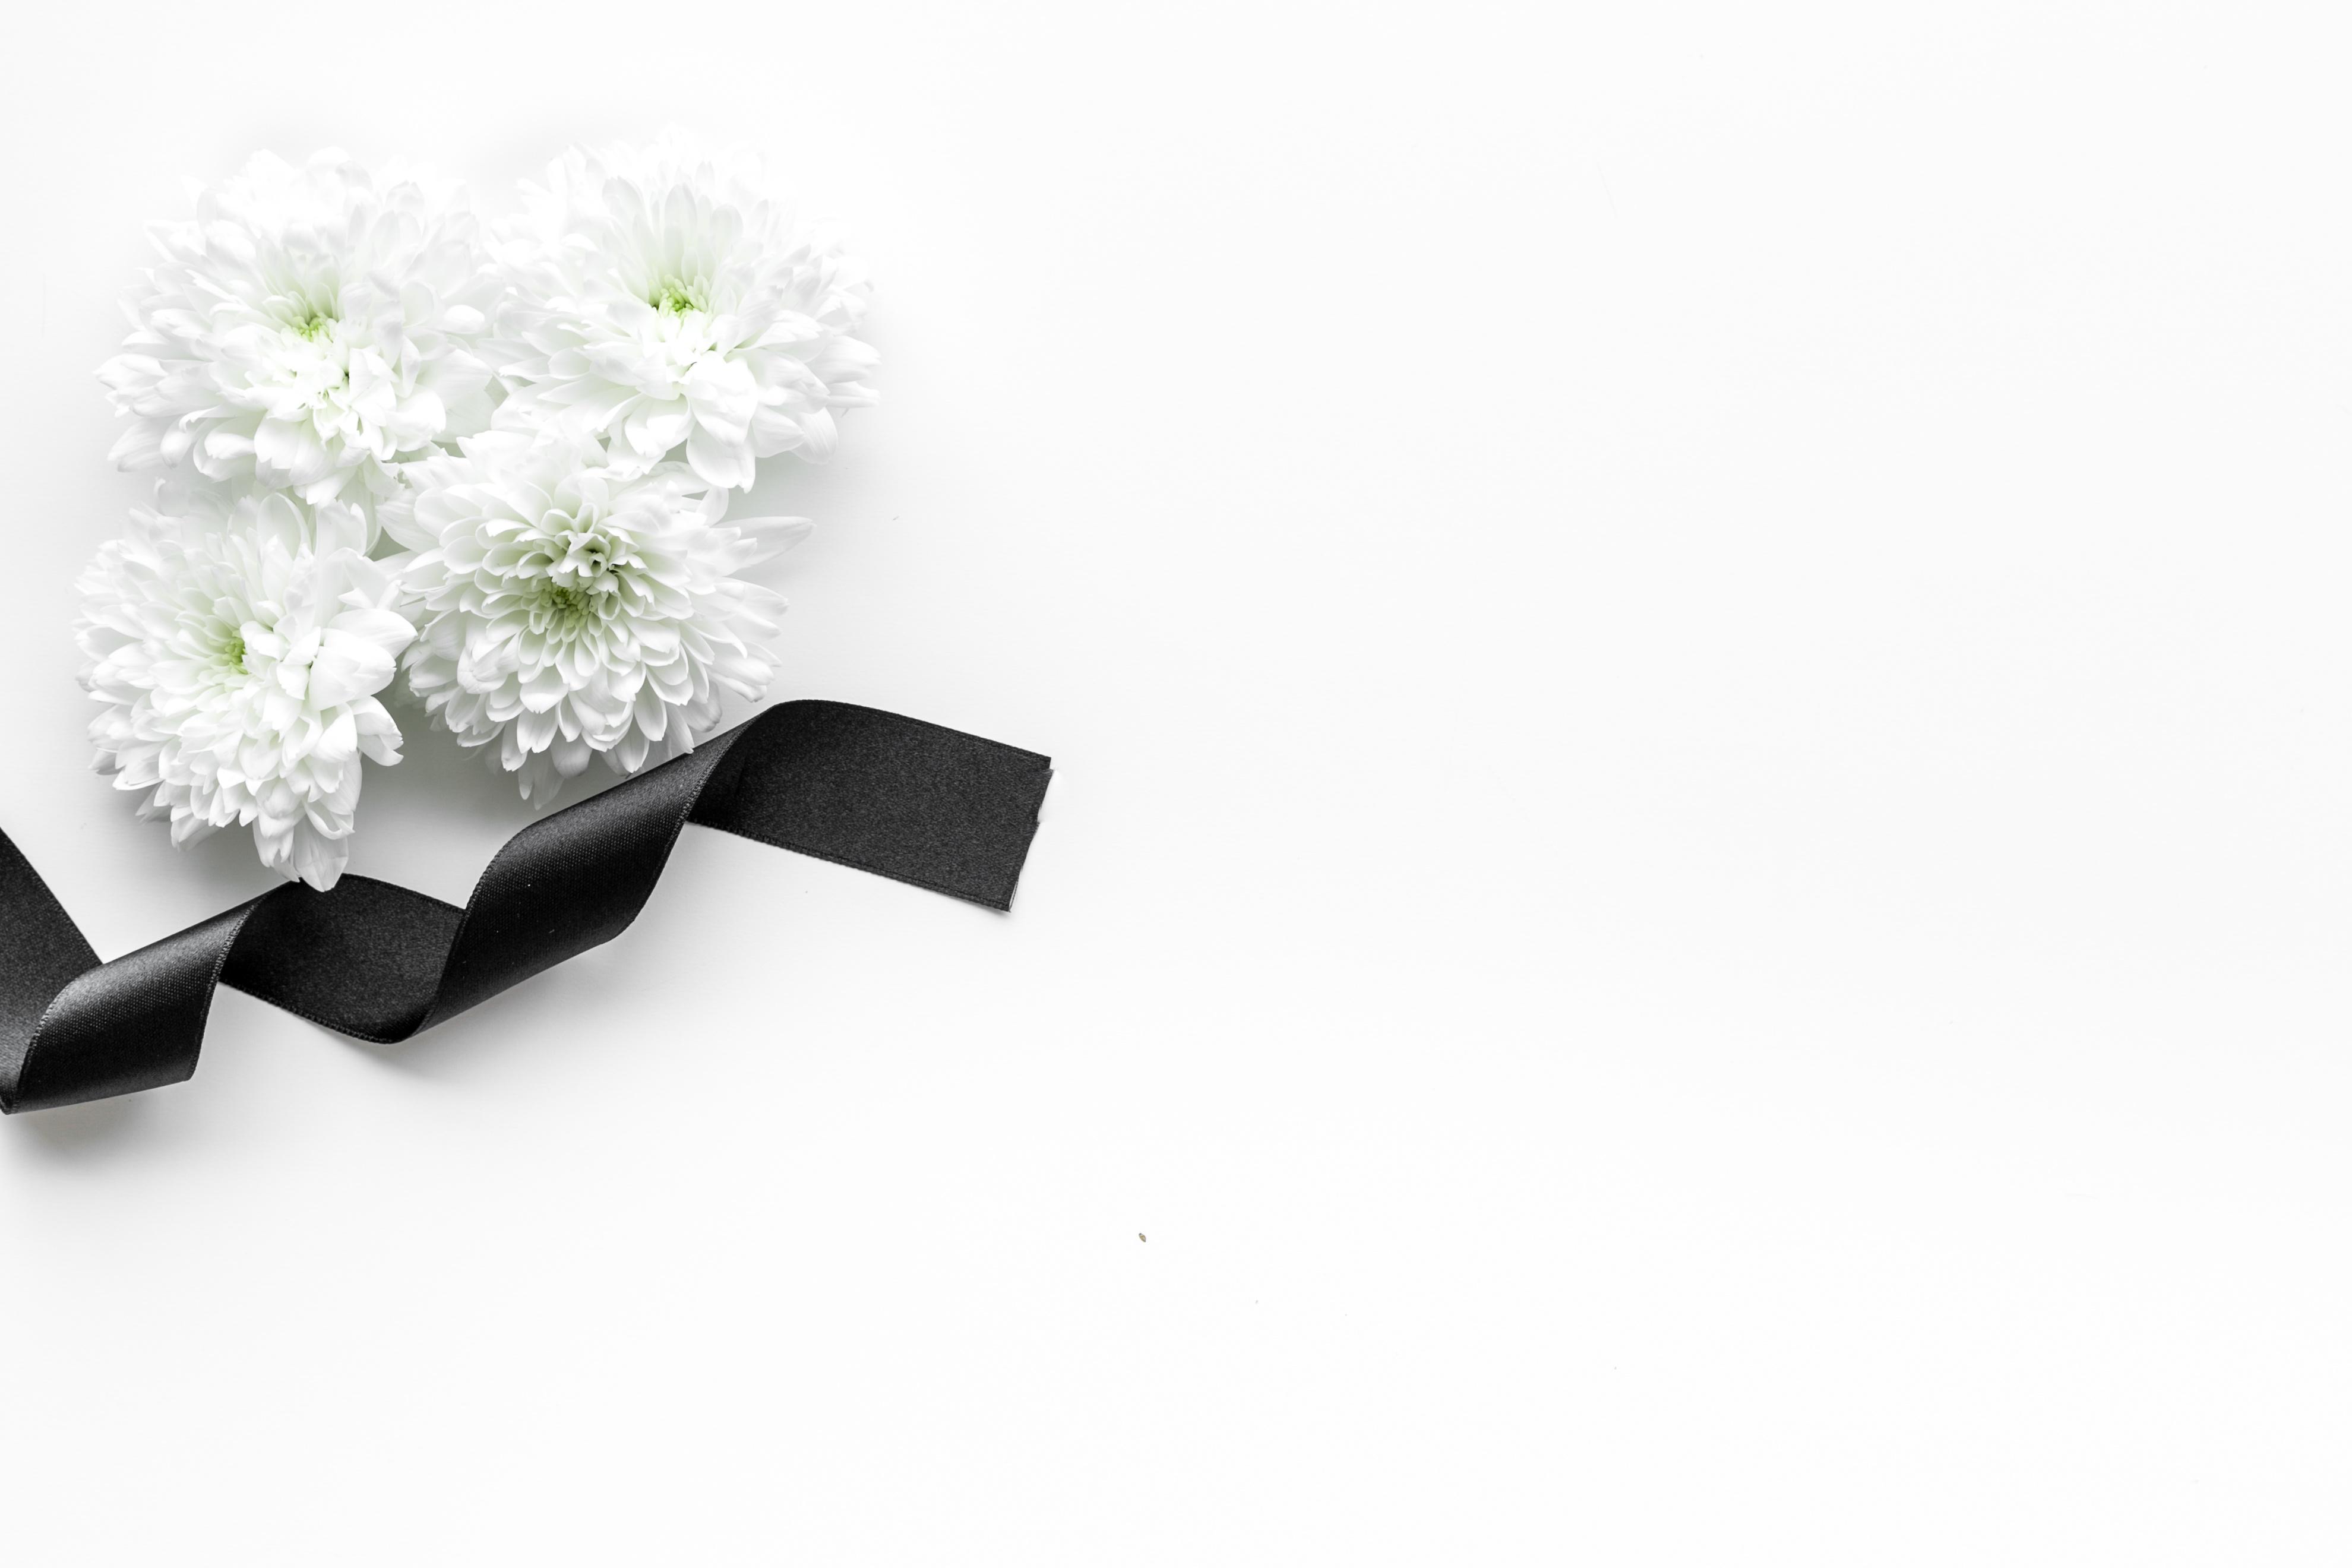 【葬儀】直葬を行う際の相場・流れ・注意点について【マナー】のサムネイル画像